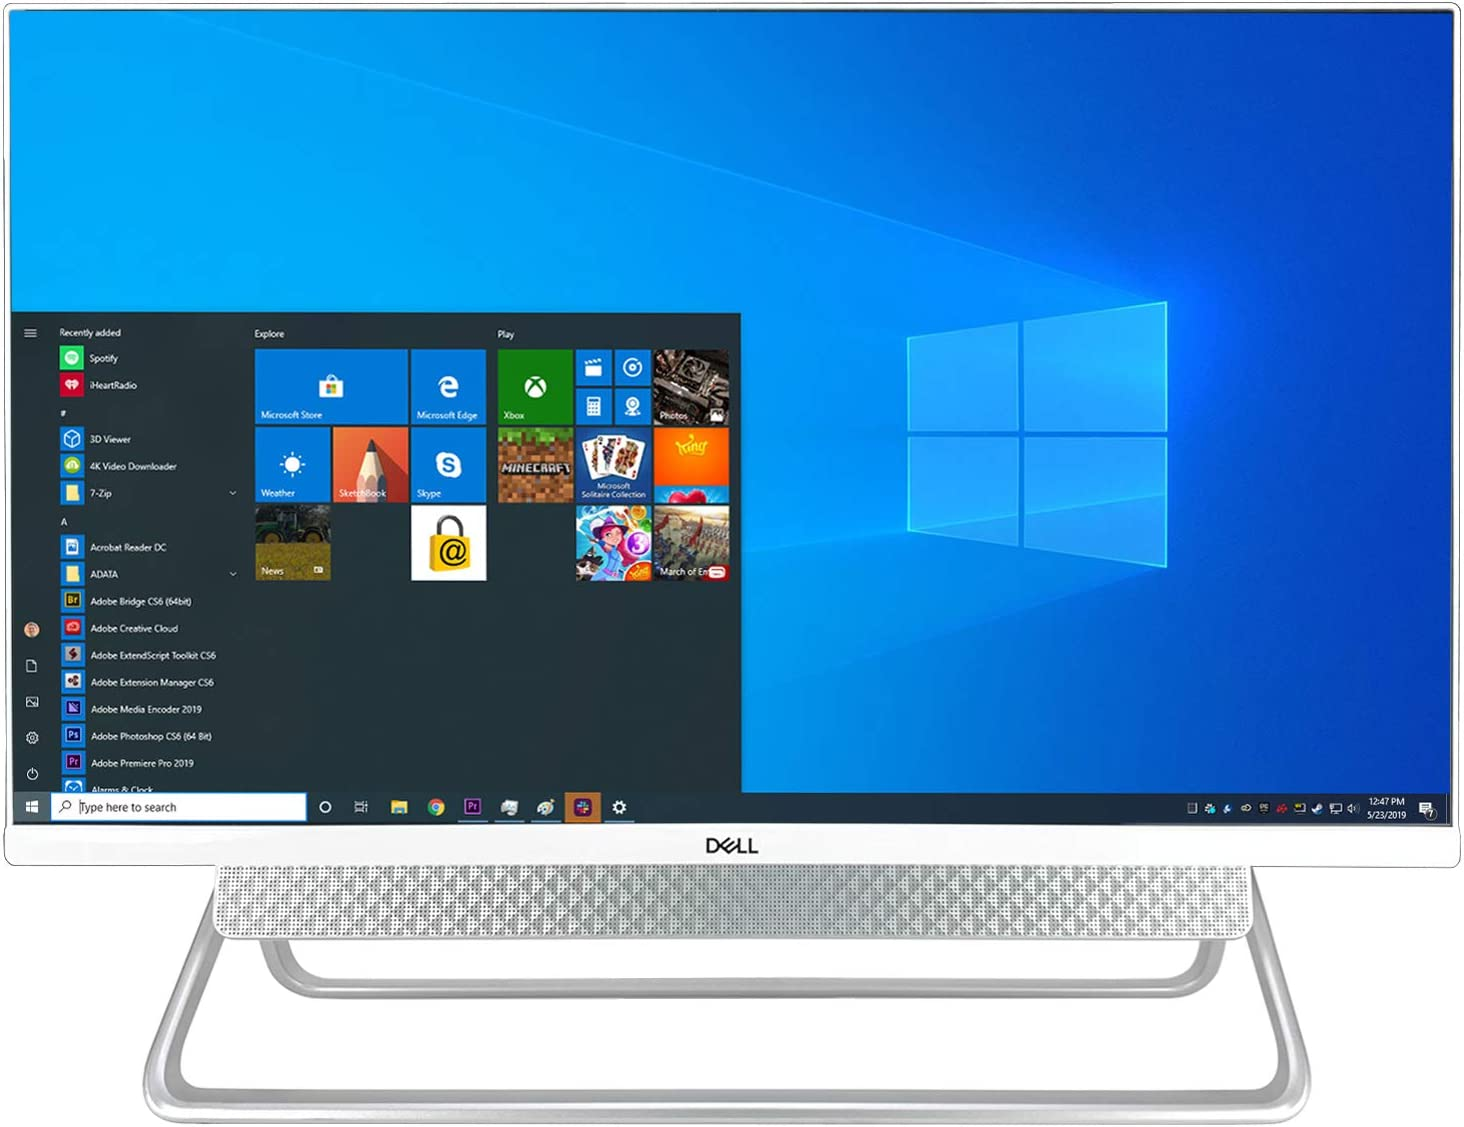 Dell_Inspiron 7700 27